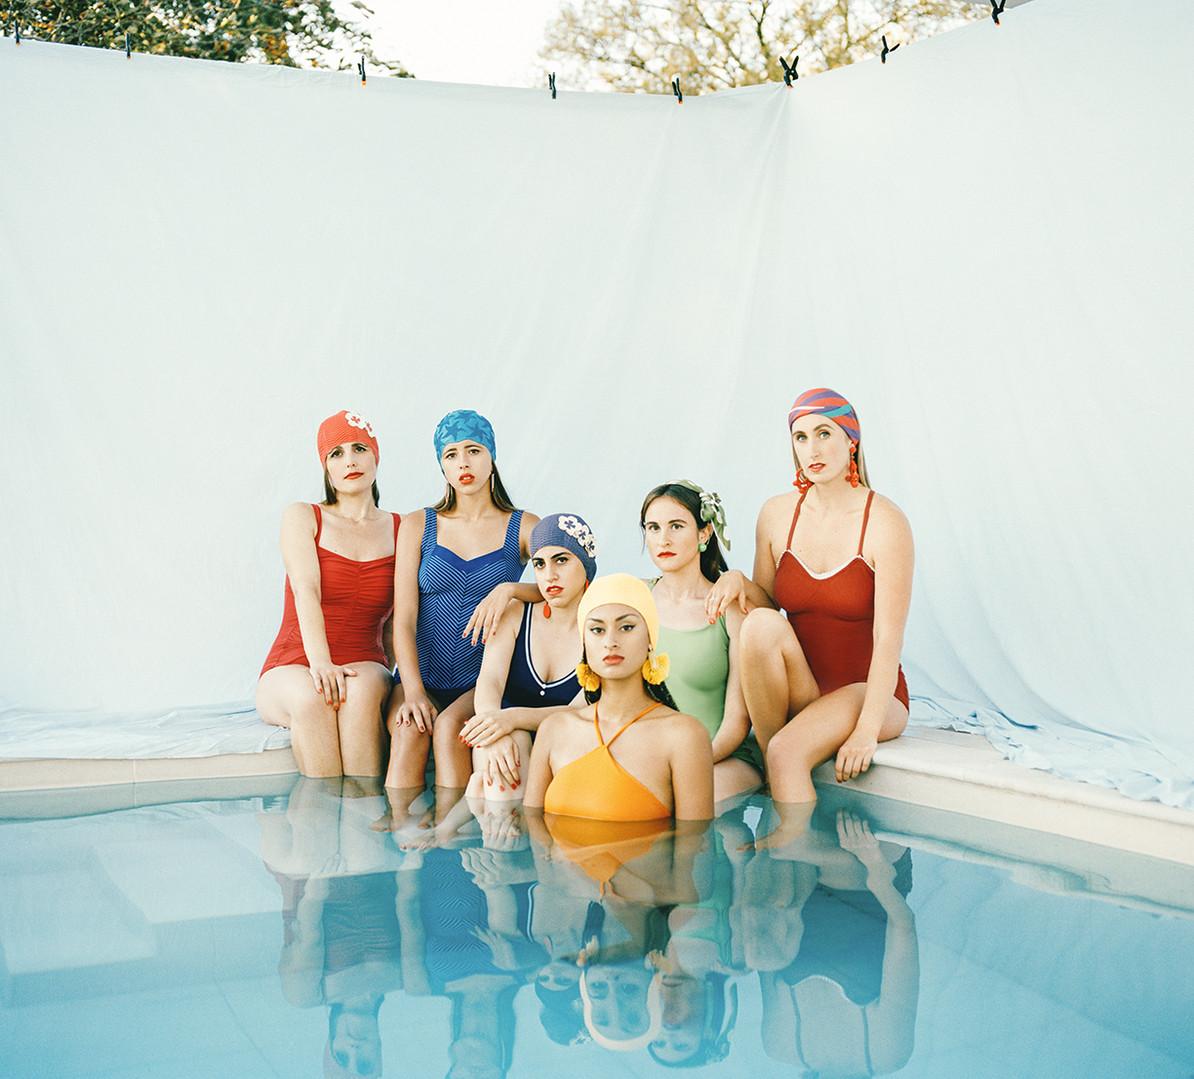 Women in Bathing Suits.